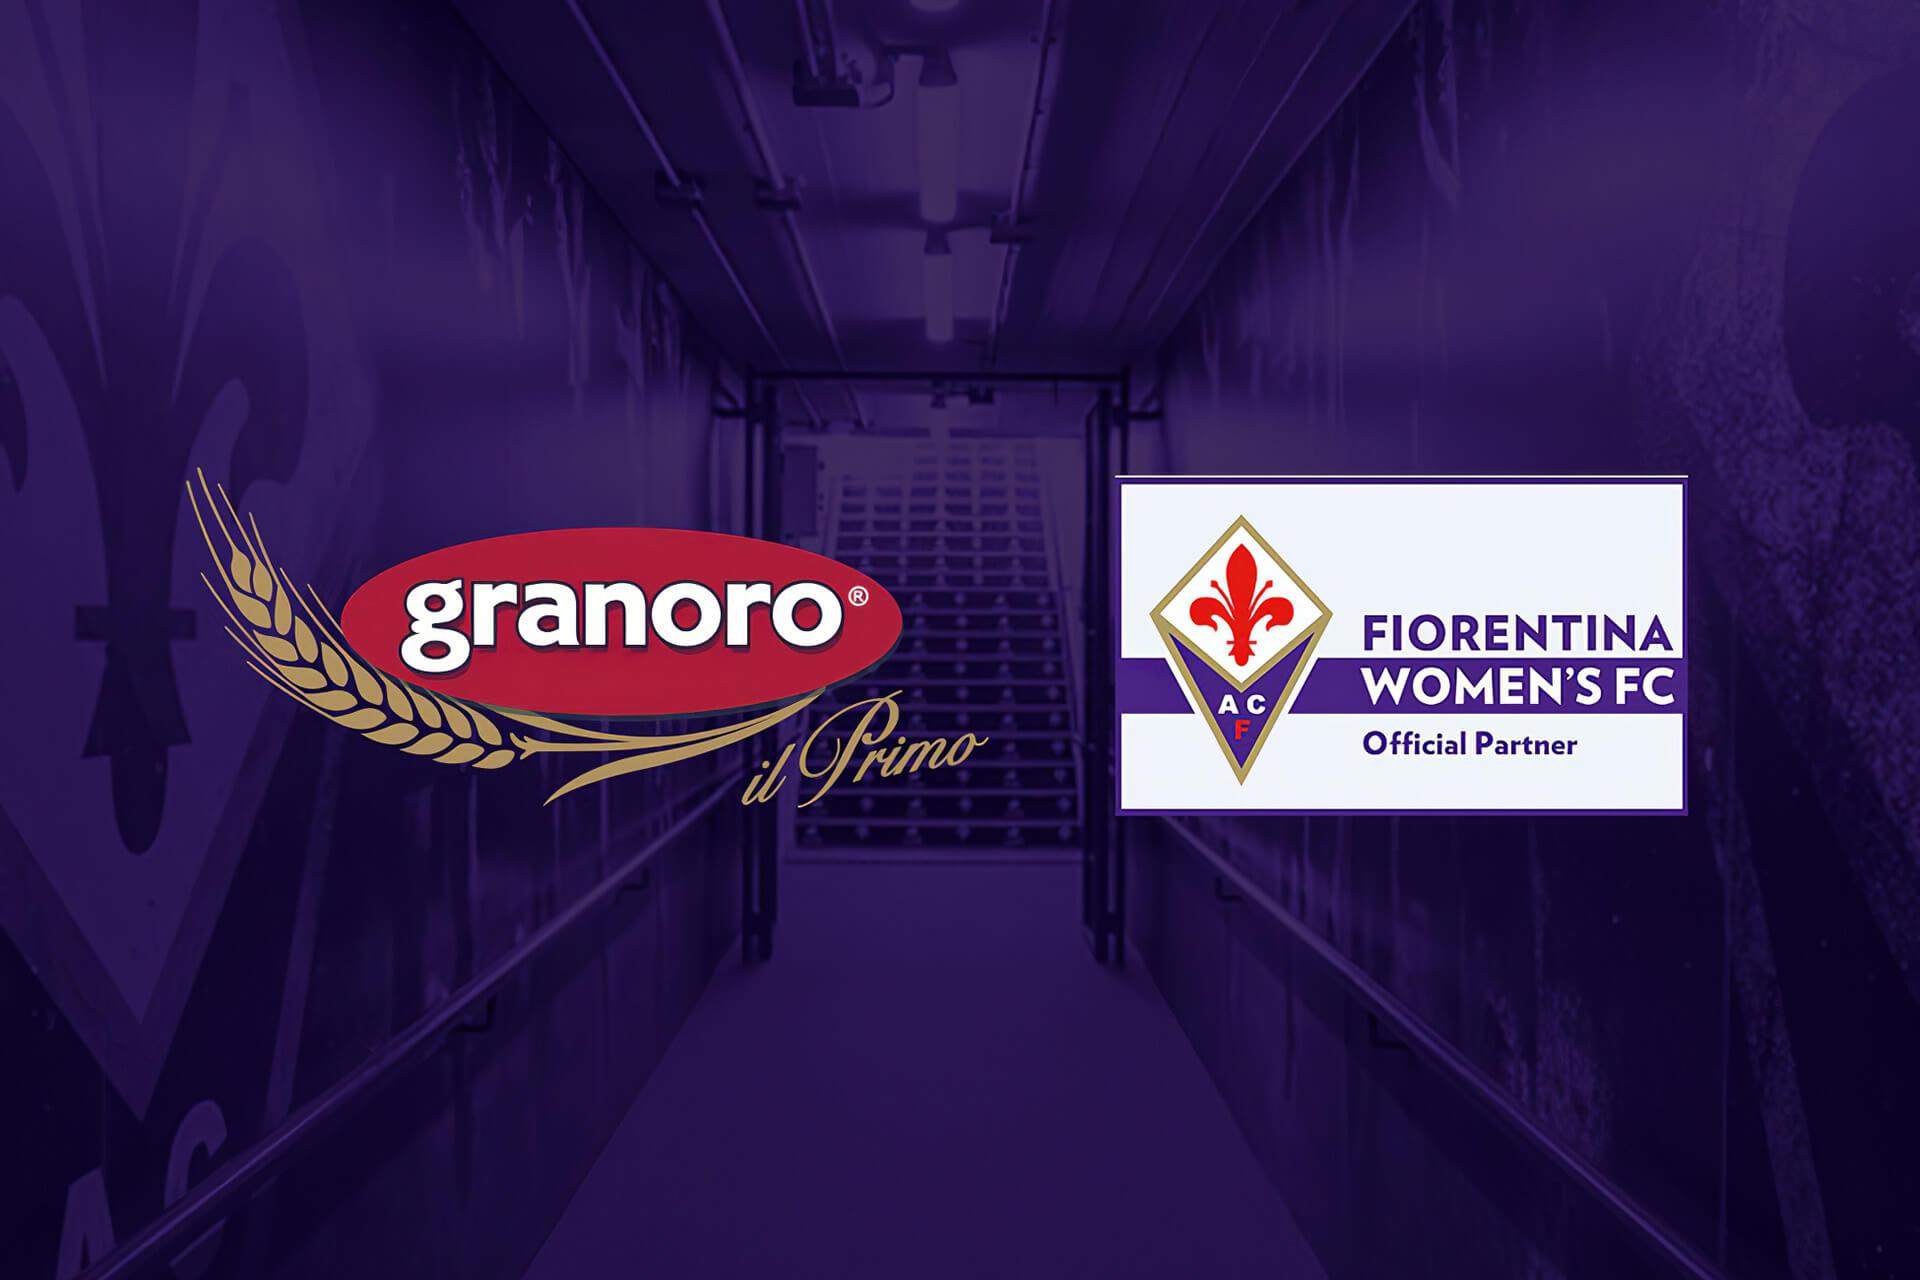 Granoro Official Partner di Fiorentina Women's FC